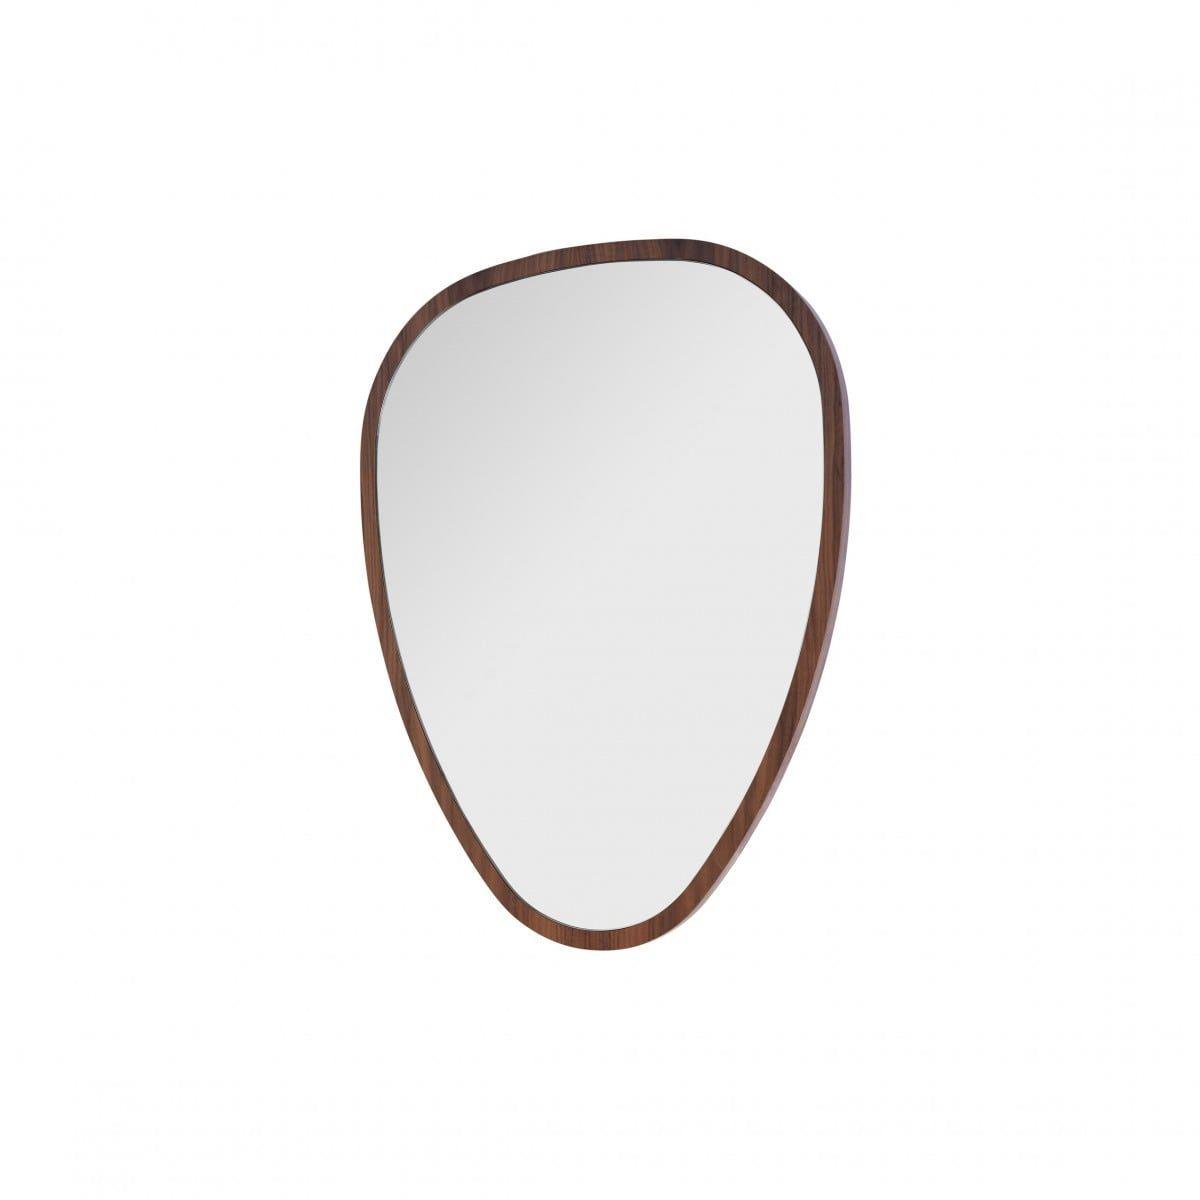 Miroir design maison sarah lavoine miroirs - Miroir sarah lavoine ...